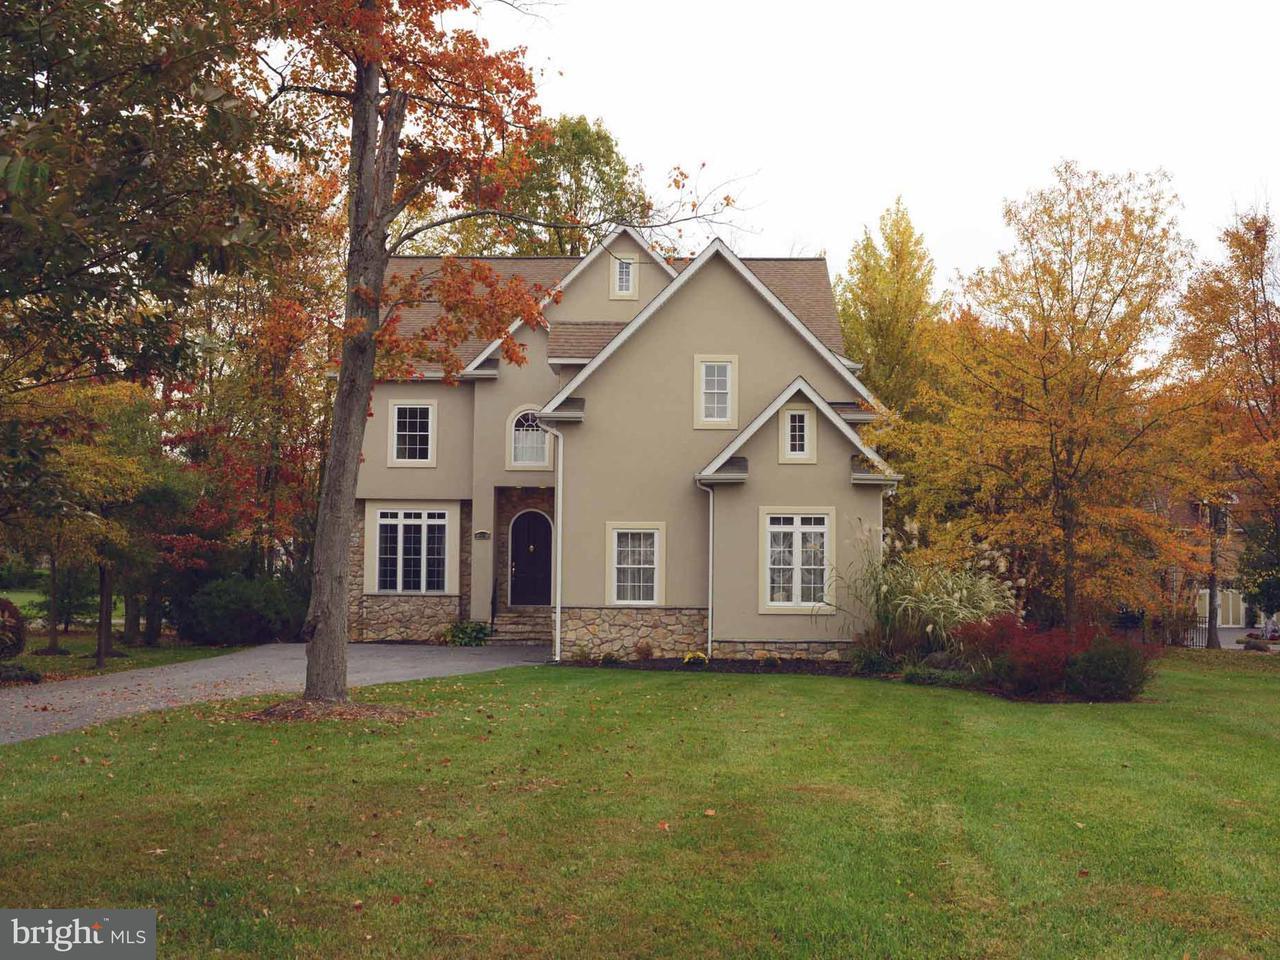 Частный односемейный дом для того Продажа на 101 3RD Avenue 101 3RD Avenue Glyndon, Мэриленд 21071 Соединенные Штаты